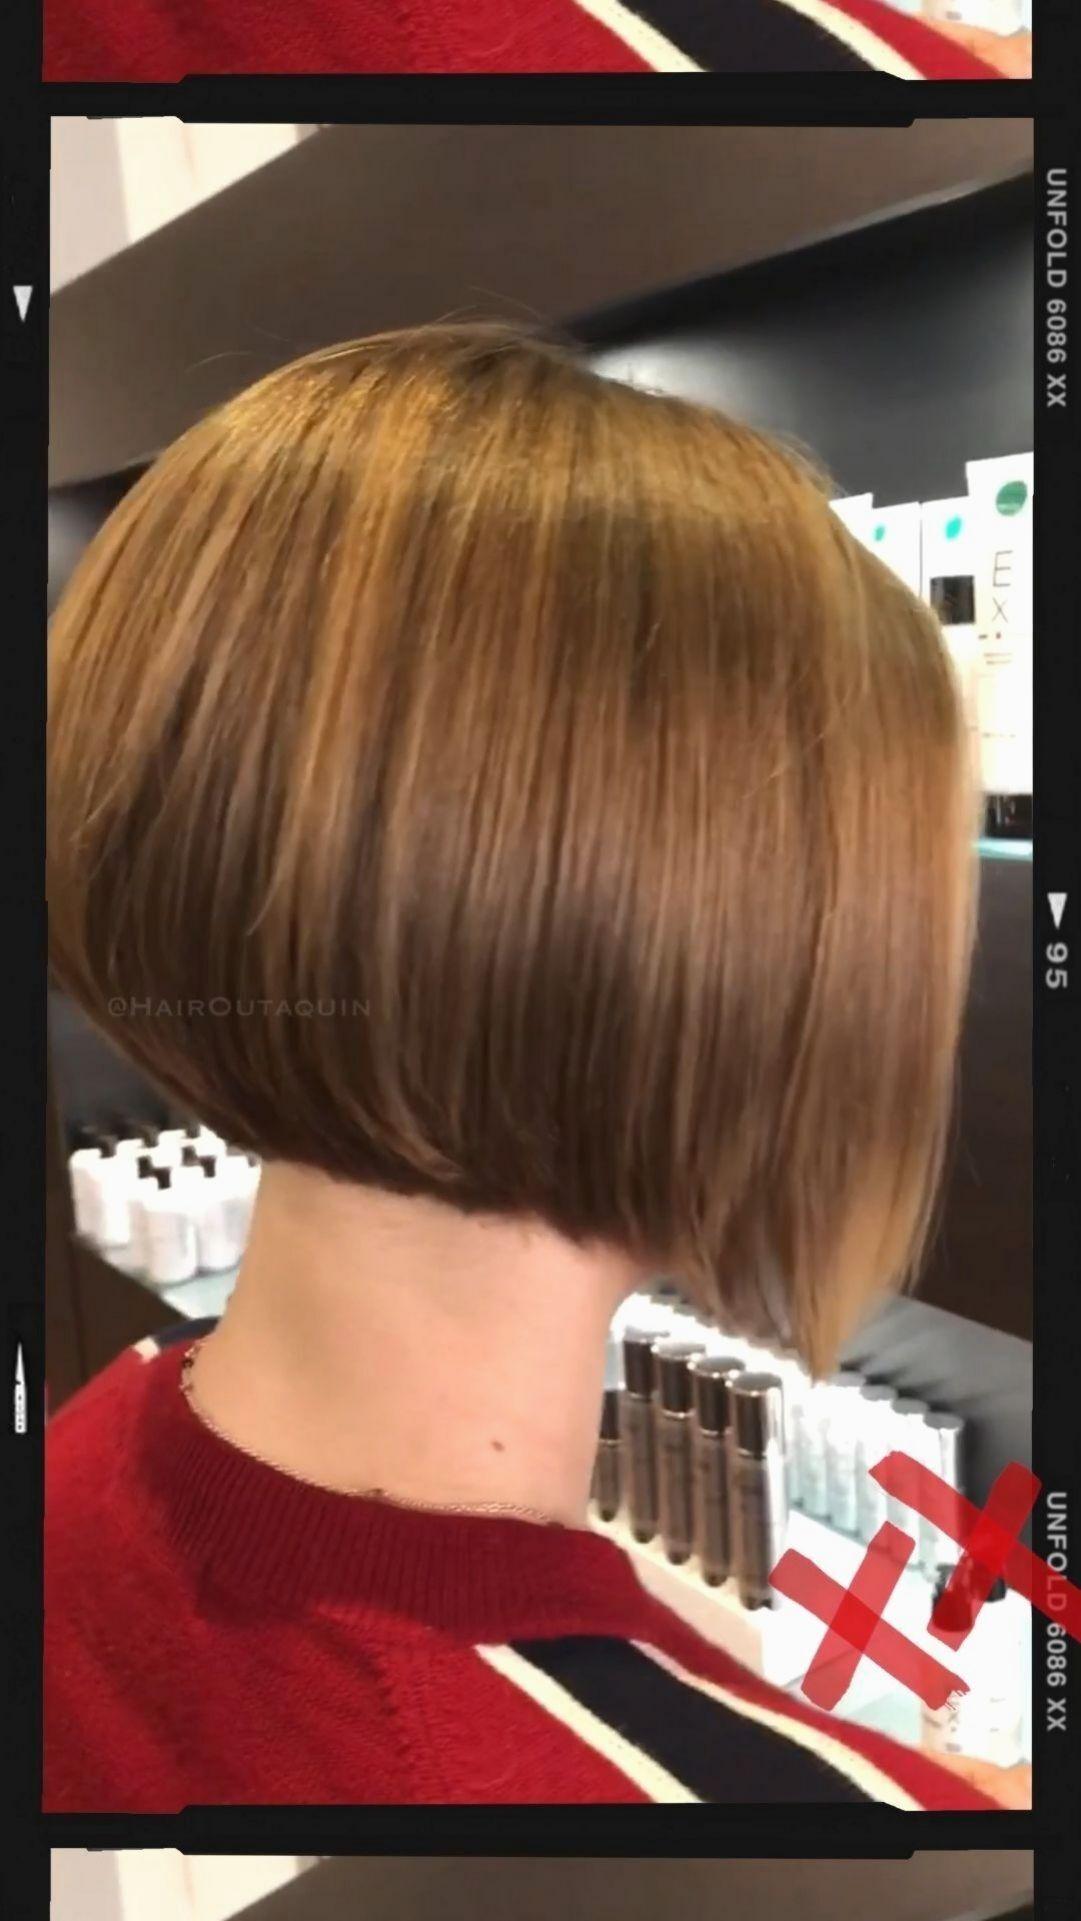 Kurze Bob In 2020 Kurzhaar Bobs Haarschnitt Bob Haarschnitt Ideen